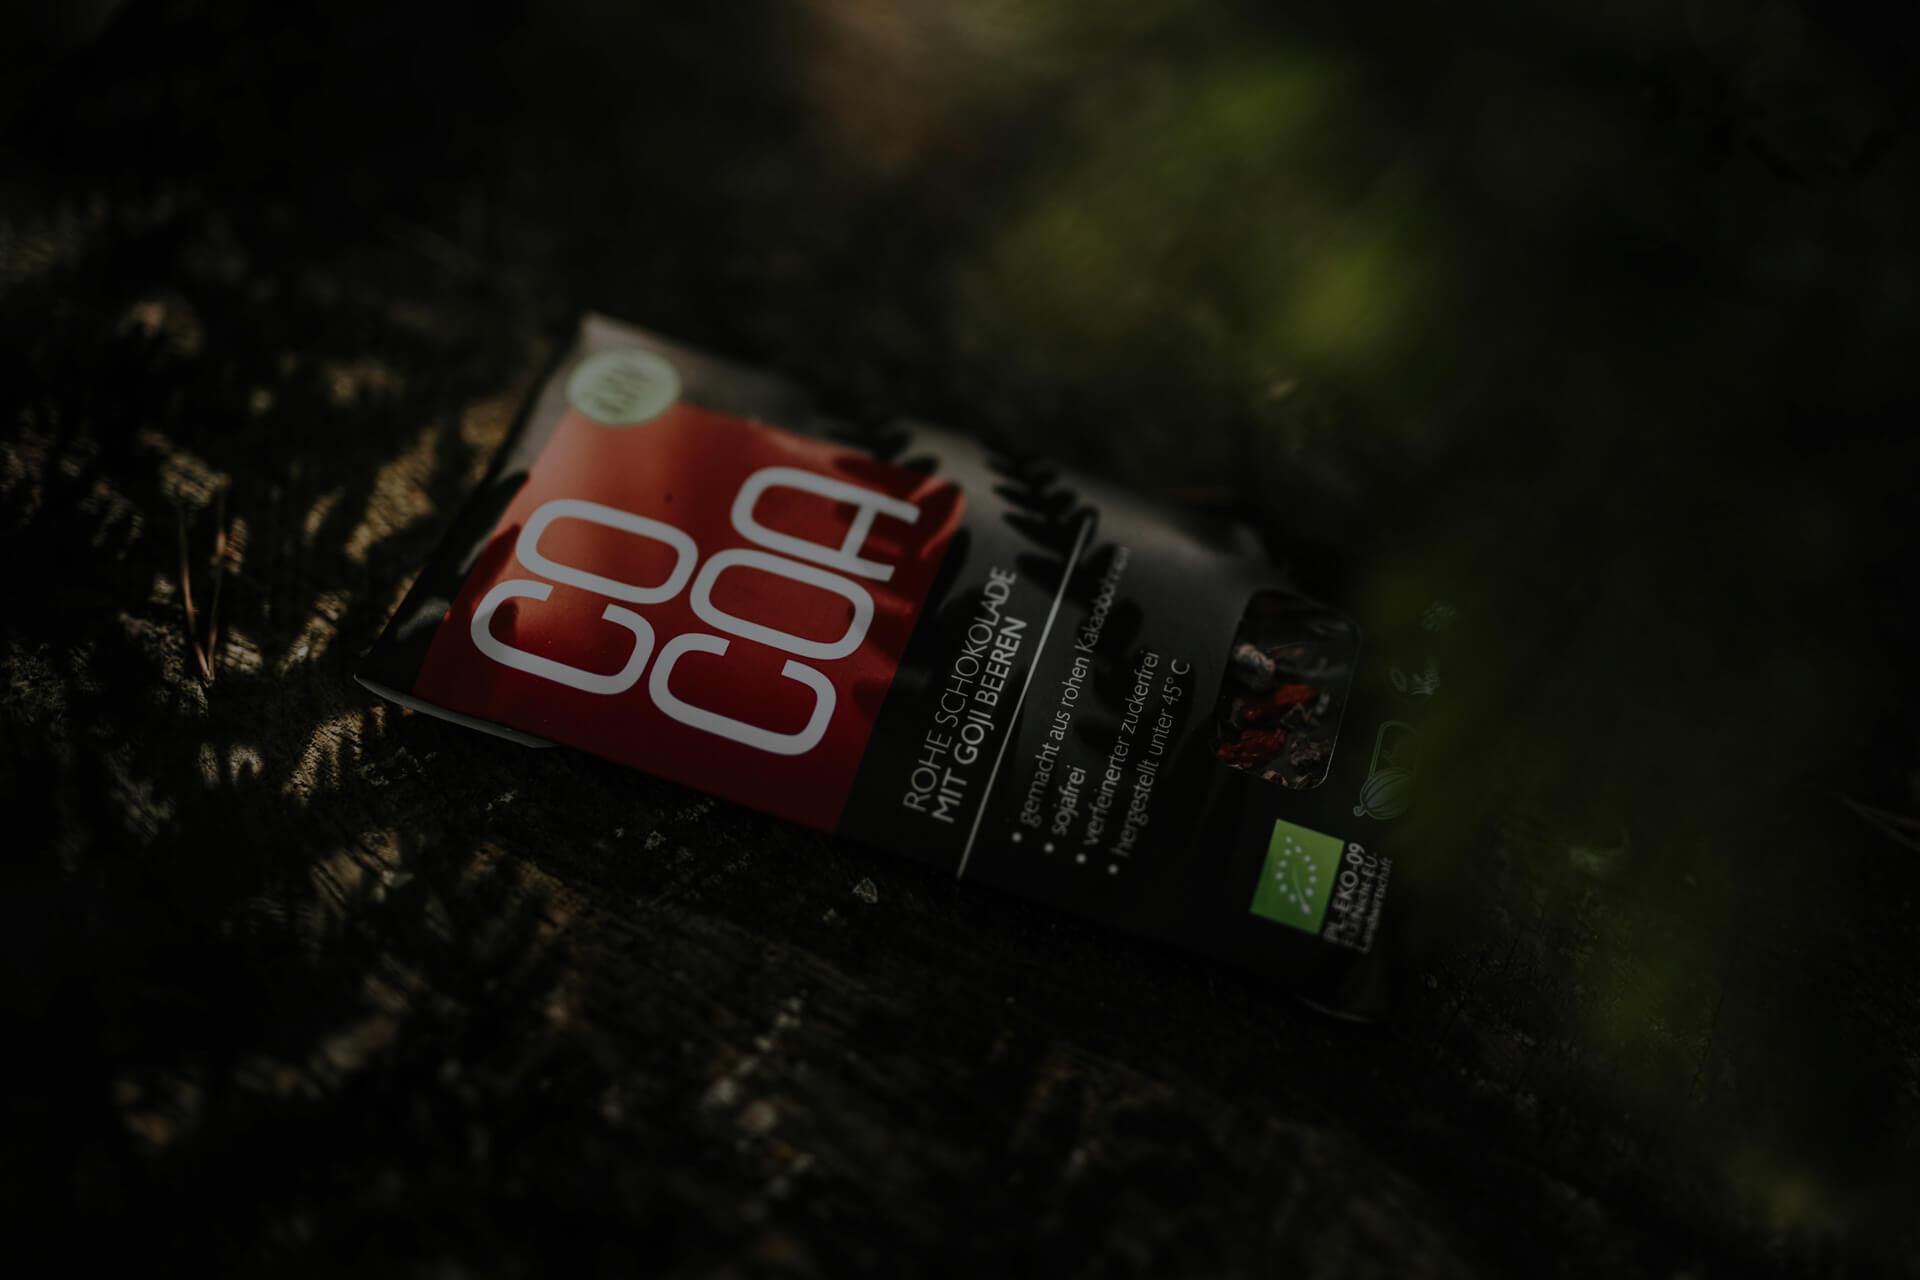 Čokolada Cocoa z goji jagodami